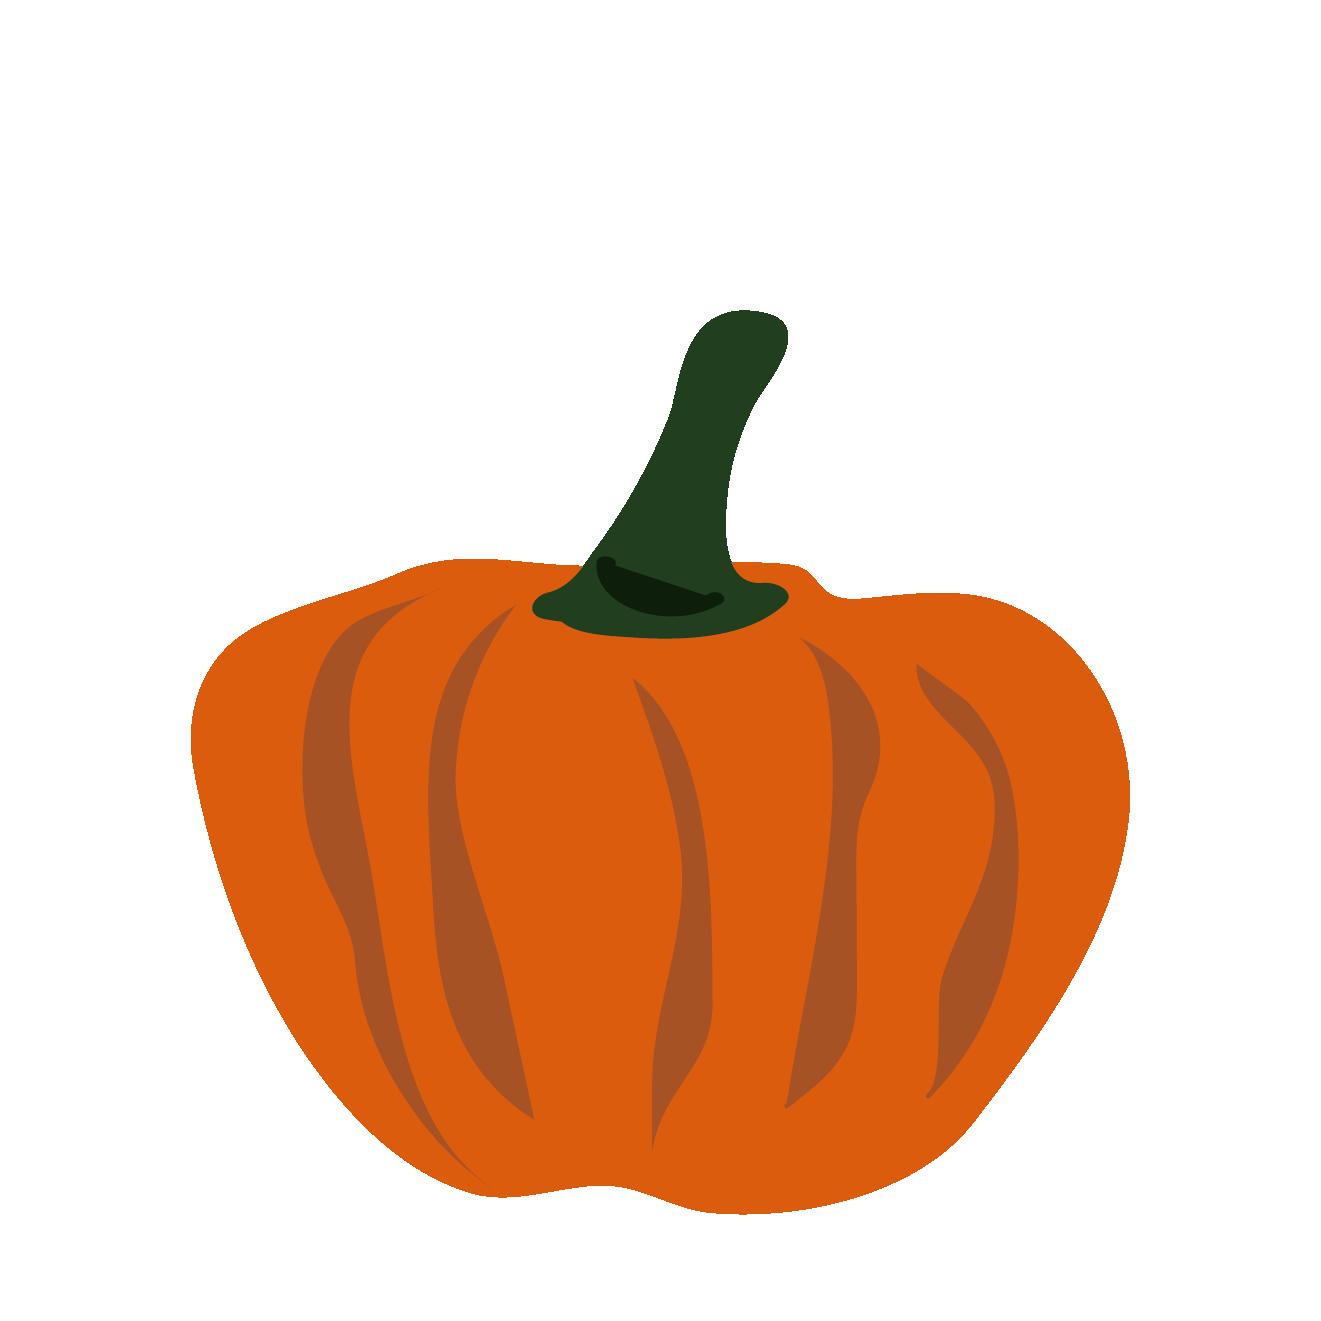 オレンジ色の南瓜(カボチャ・かぼちゃ)のイラスト【野菜】